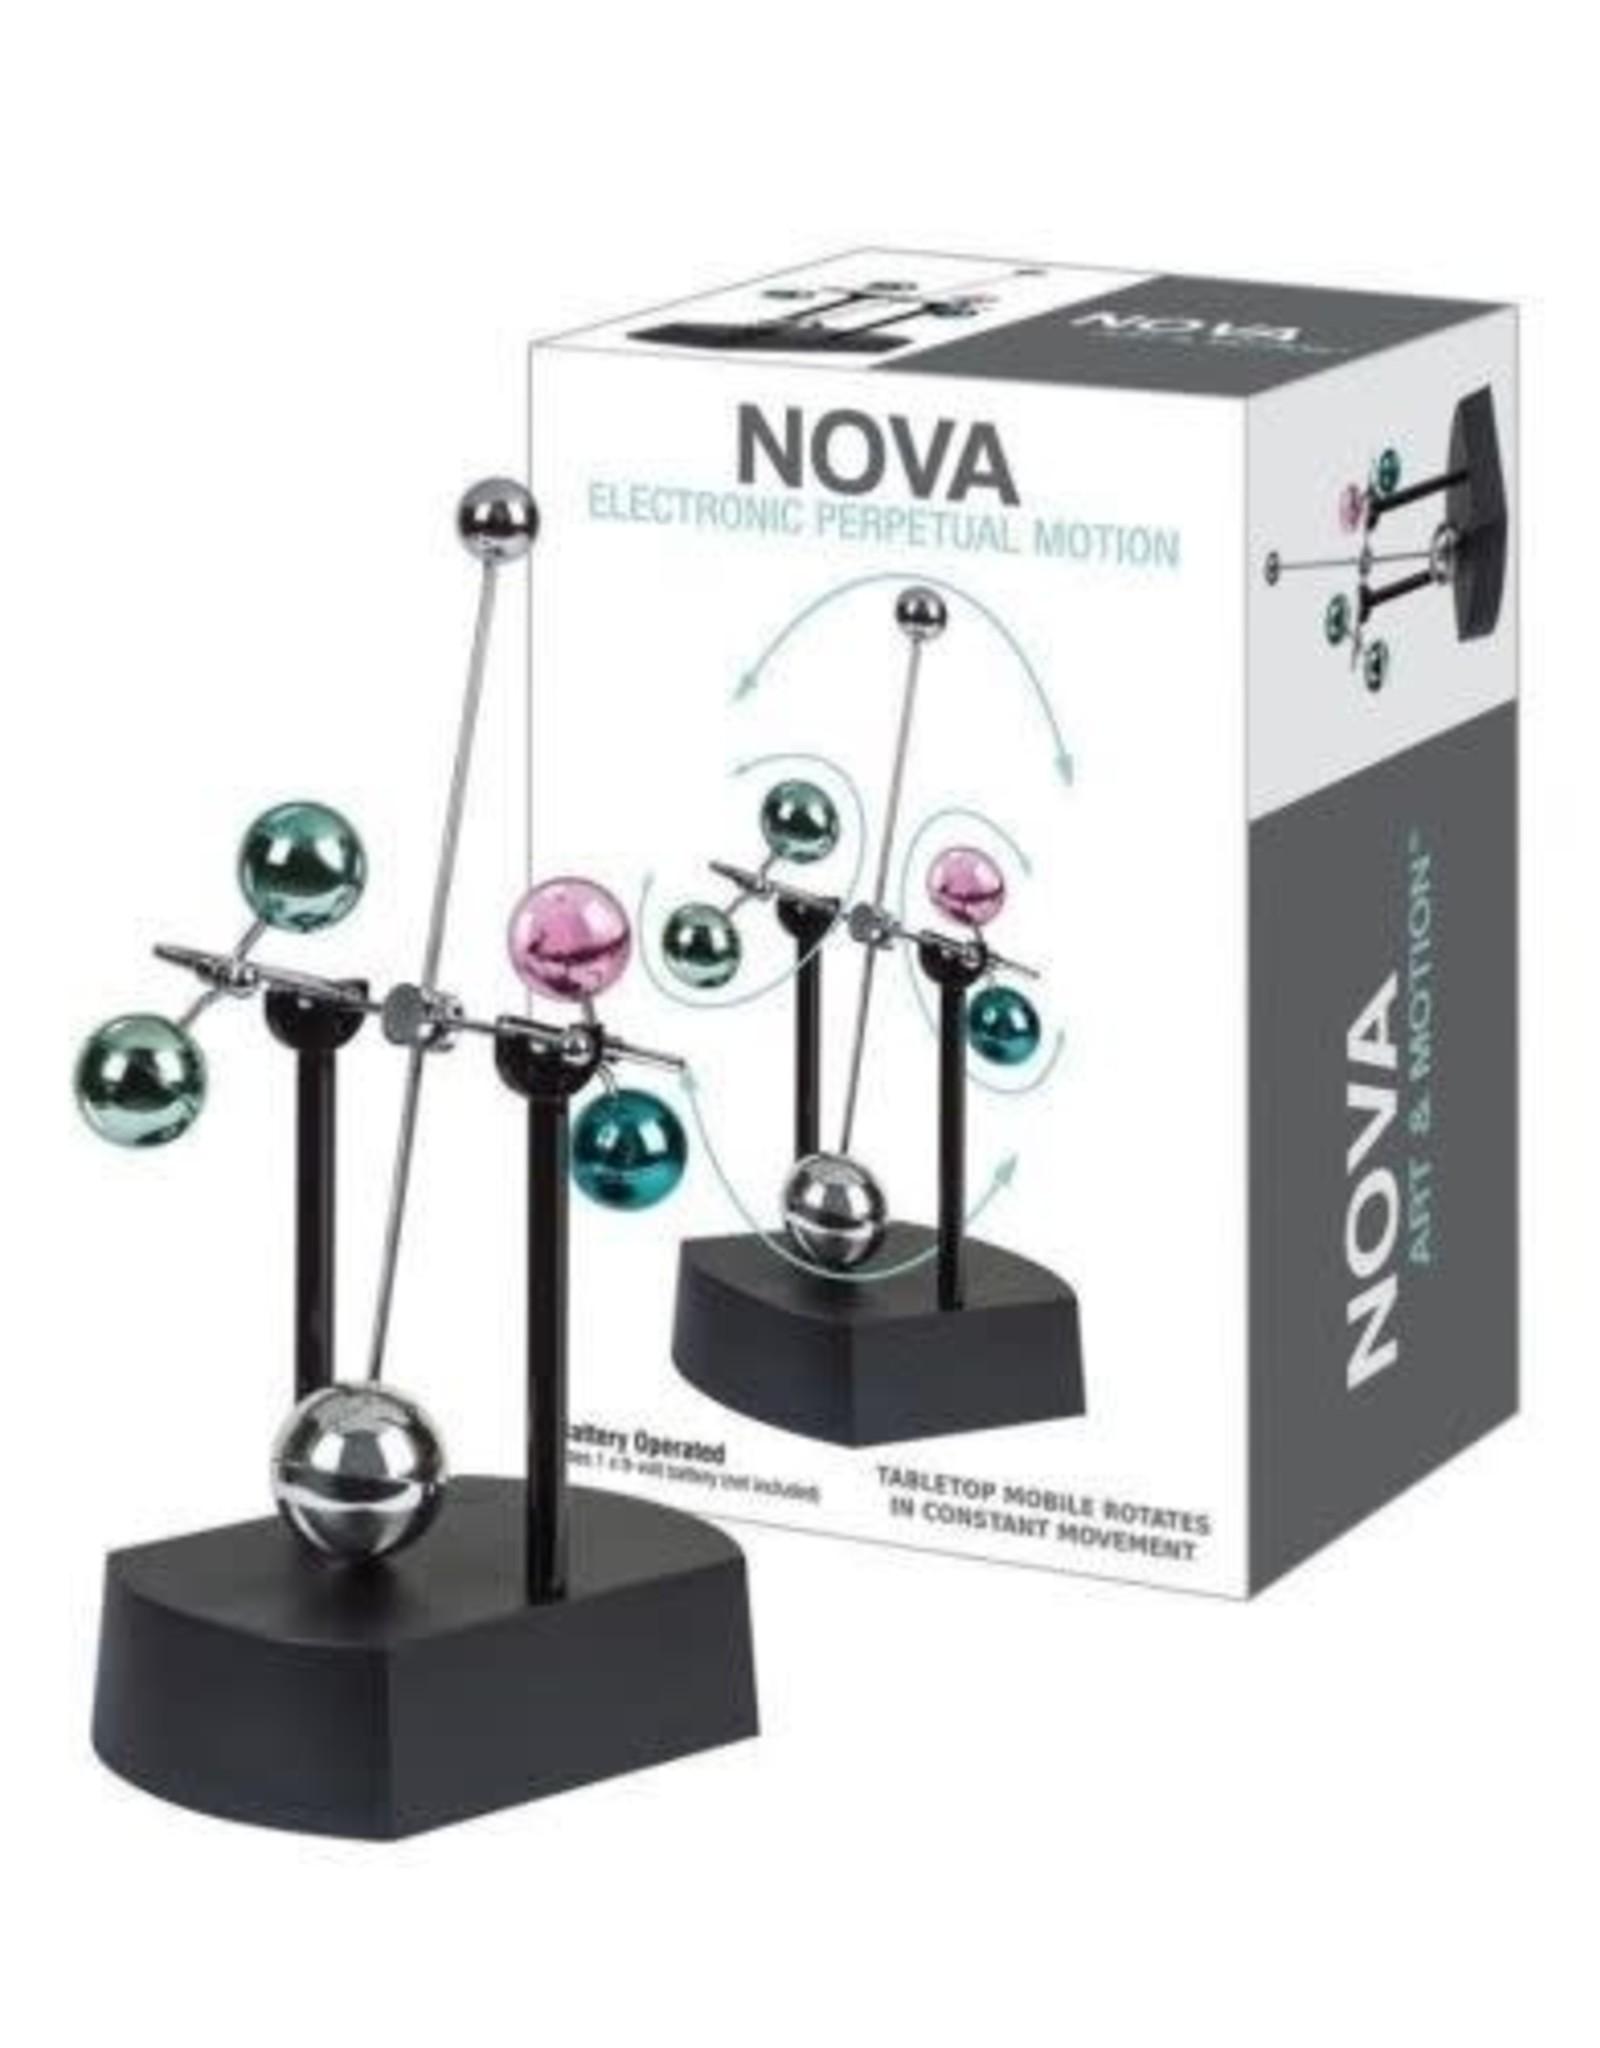 Nova Mobile